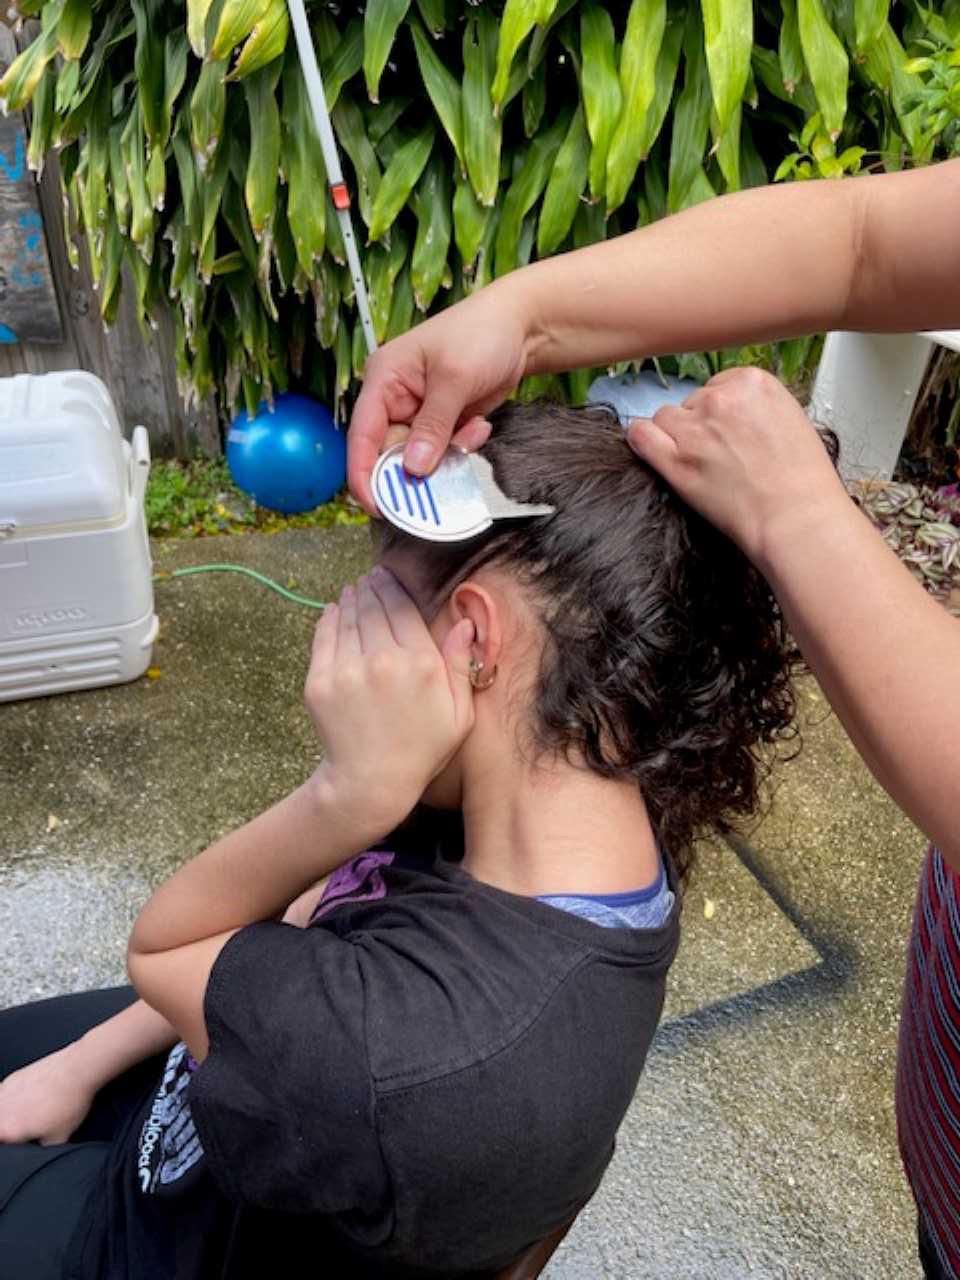 Mobile Lice Doctor in Broward County, FL